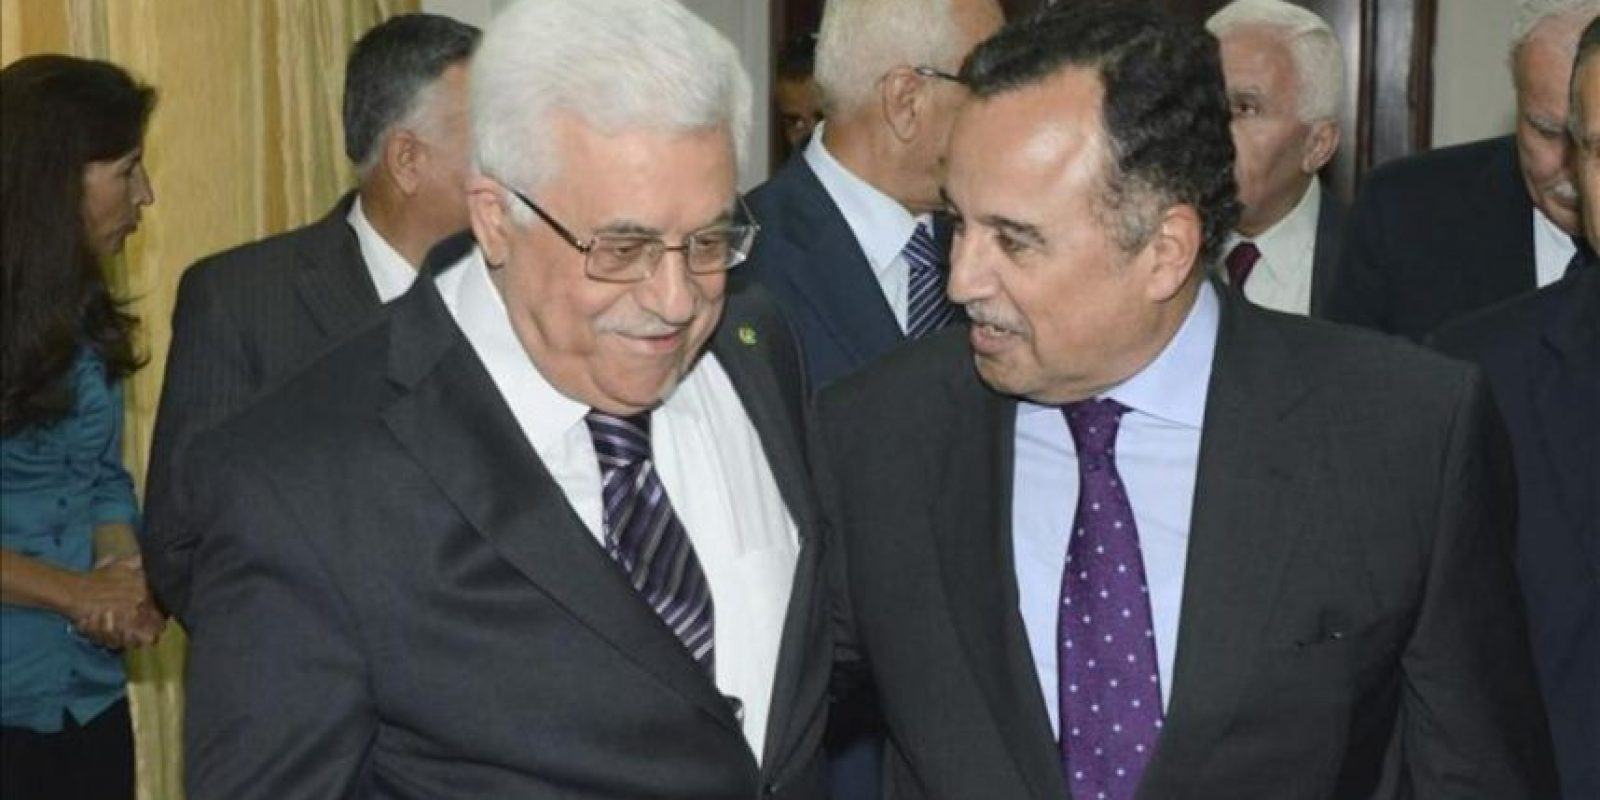 Fotografía facilitada por las Autoridades Palestinas del ministro de Exteriores egipcio, Nabil Fahmi (d), quien ha mantenido una reunión con el presidente palestino, Mahmud Abás (i), hoy, 26 de agosto de 2013, en la ciudad cisjordana de Ramala. EFE